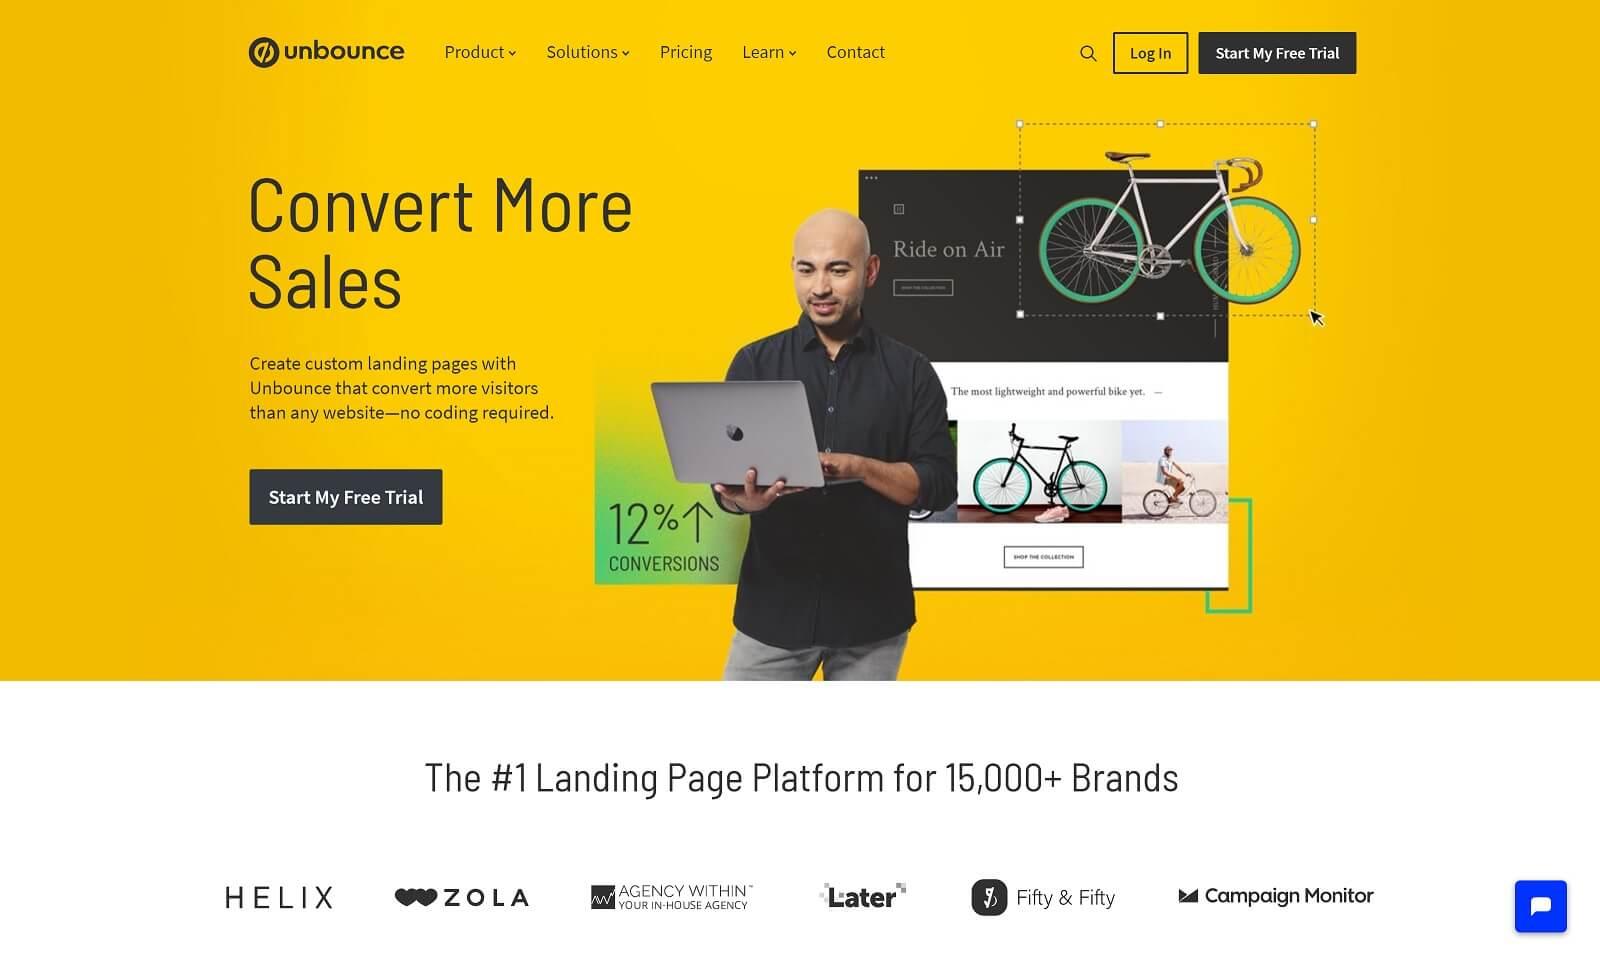 Beispiel für eine gelungene Landingpage mit einem relevanten Bild, welches das Produkt verdeutlicht